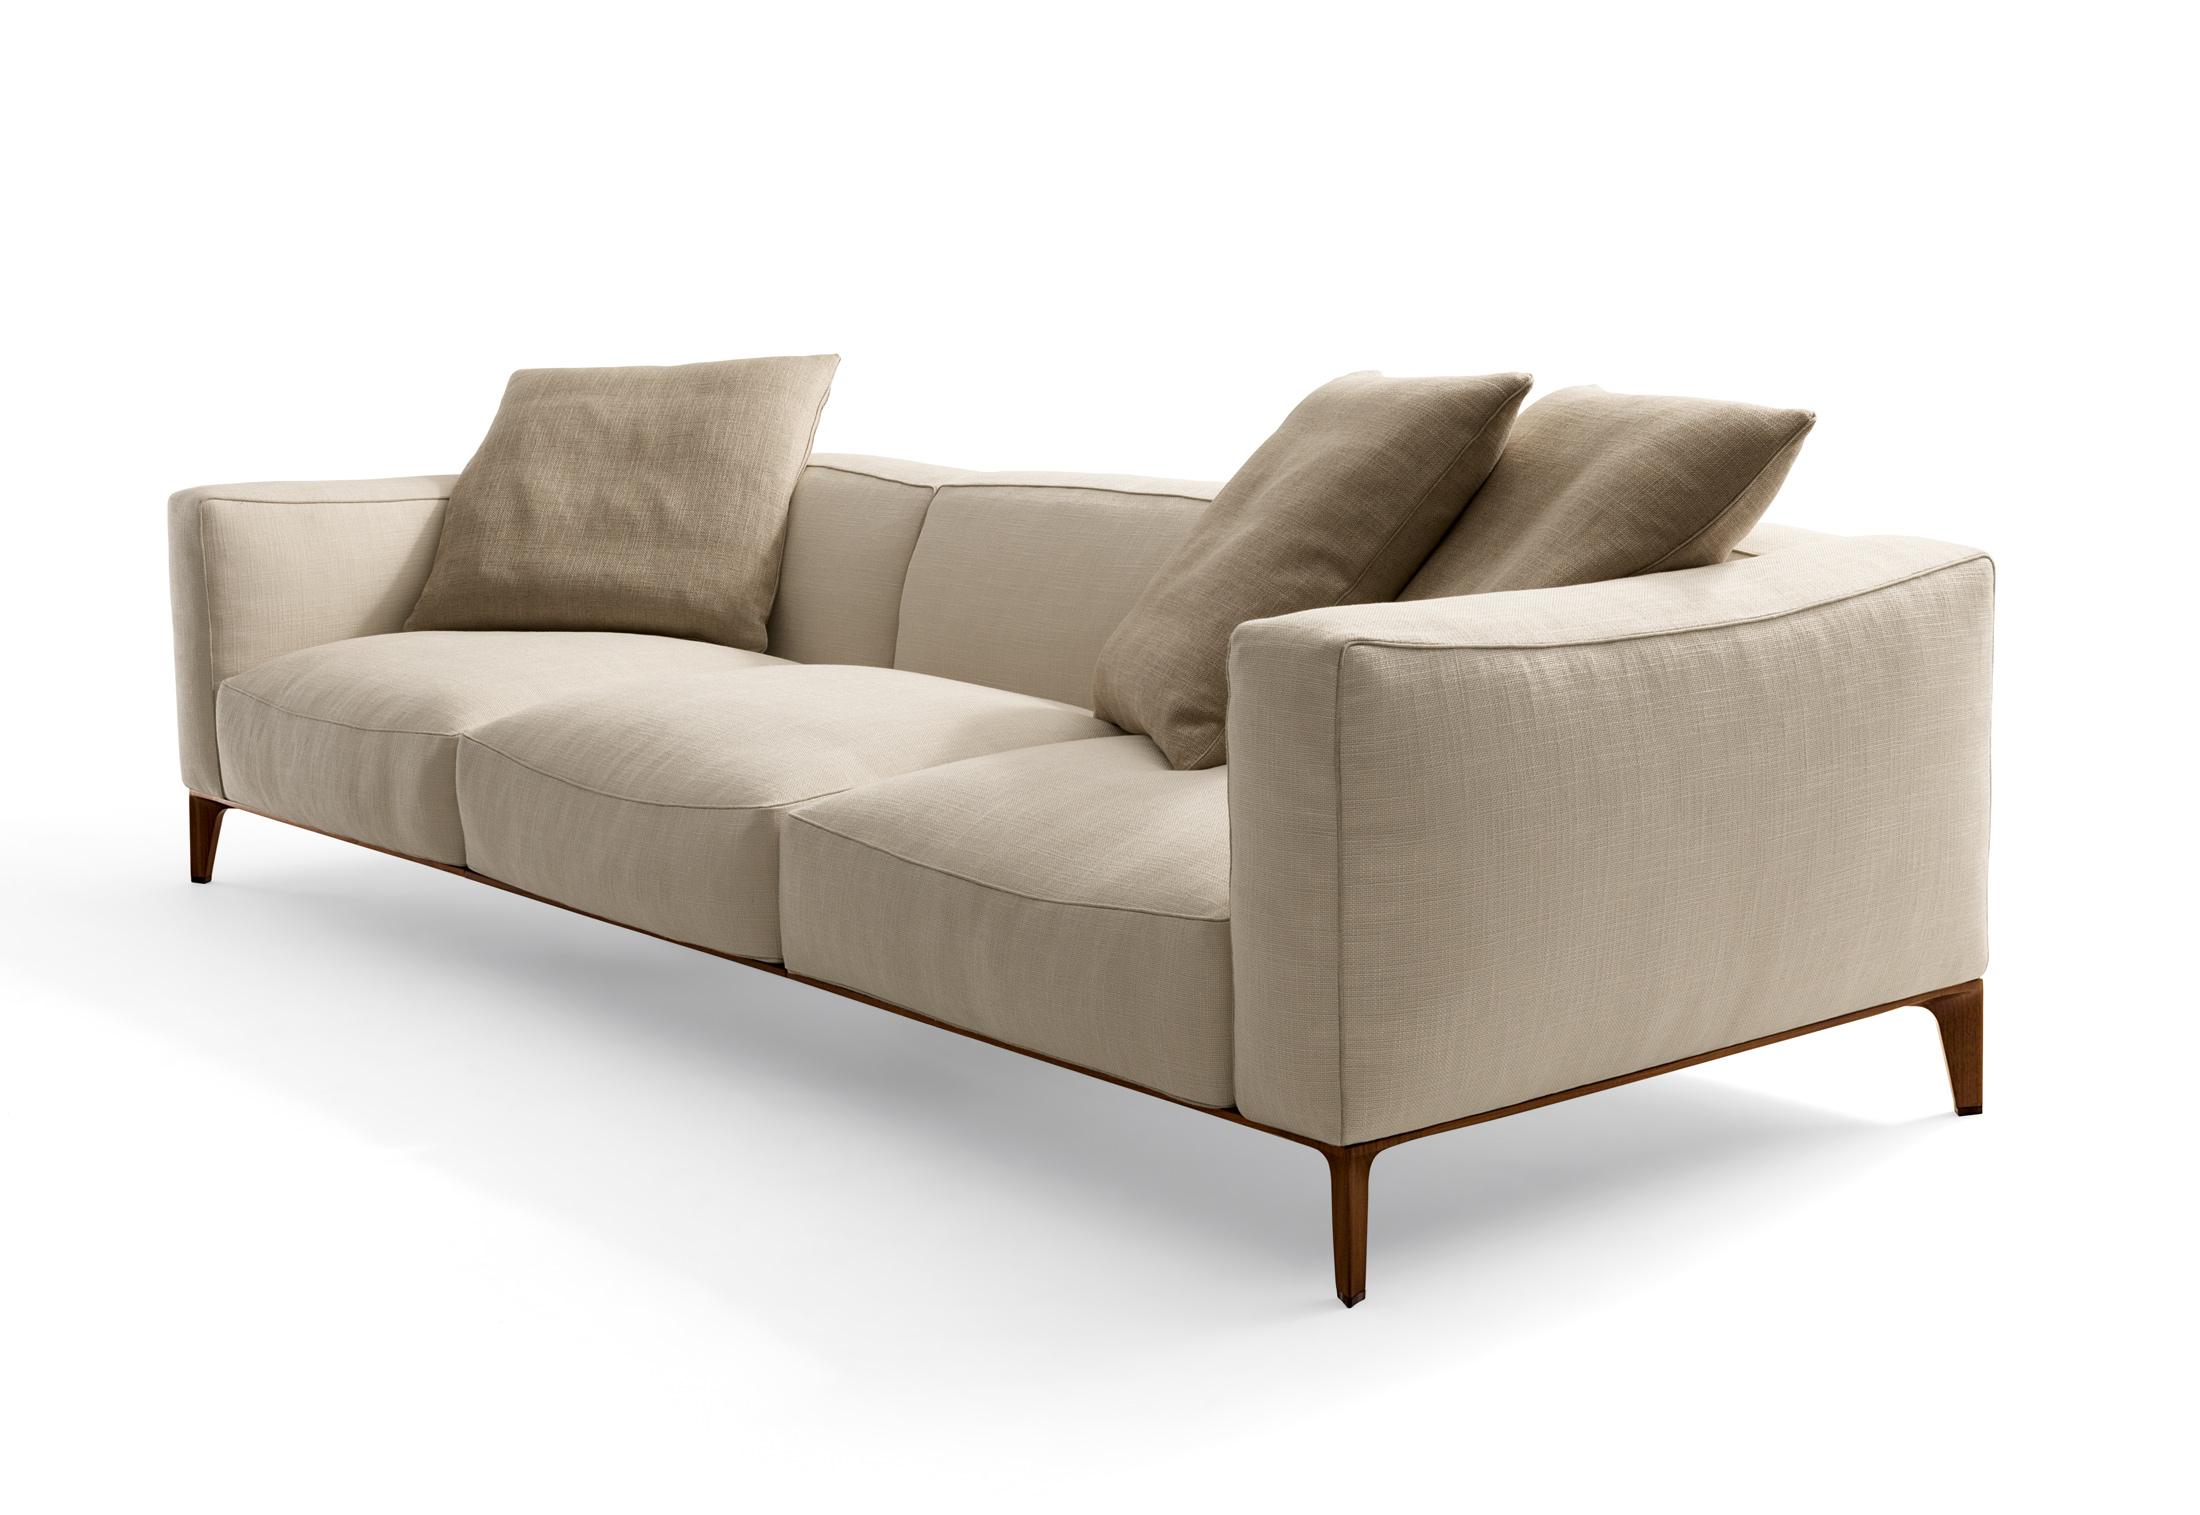 Aton Sofa By Giorgetti Sohomod Blog